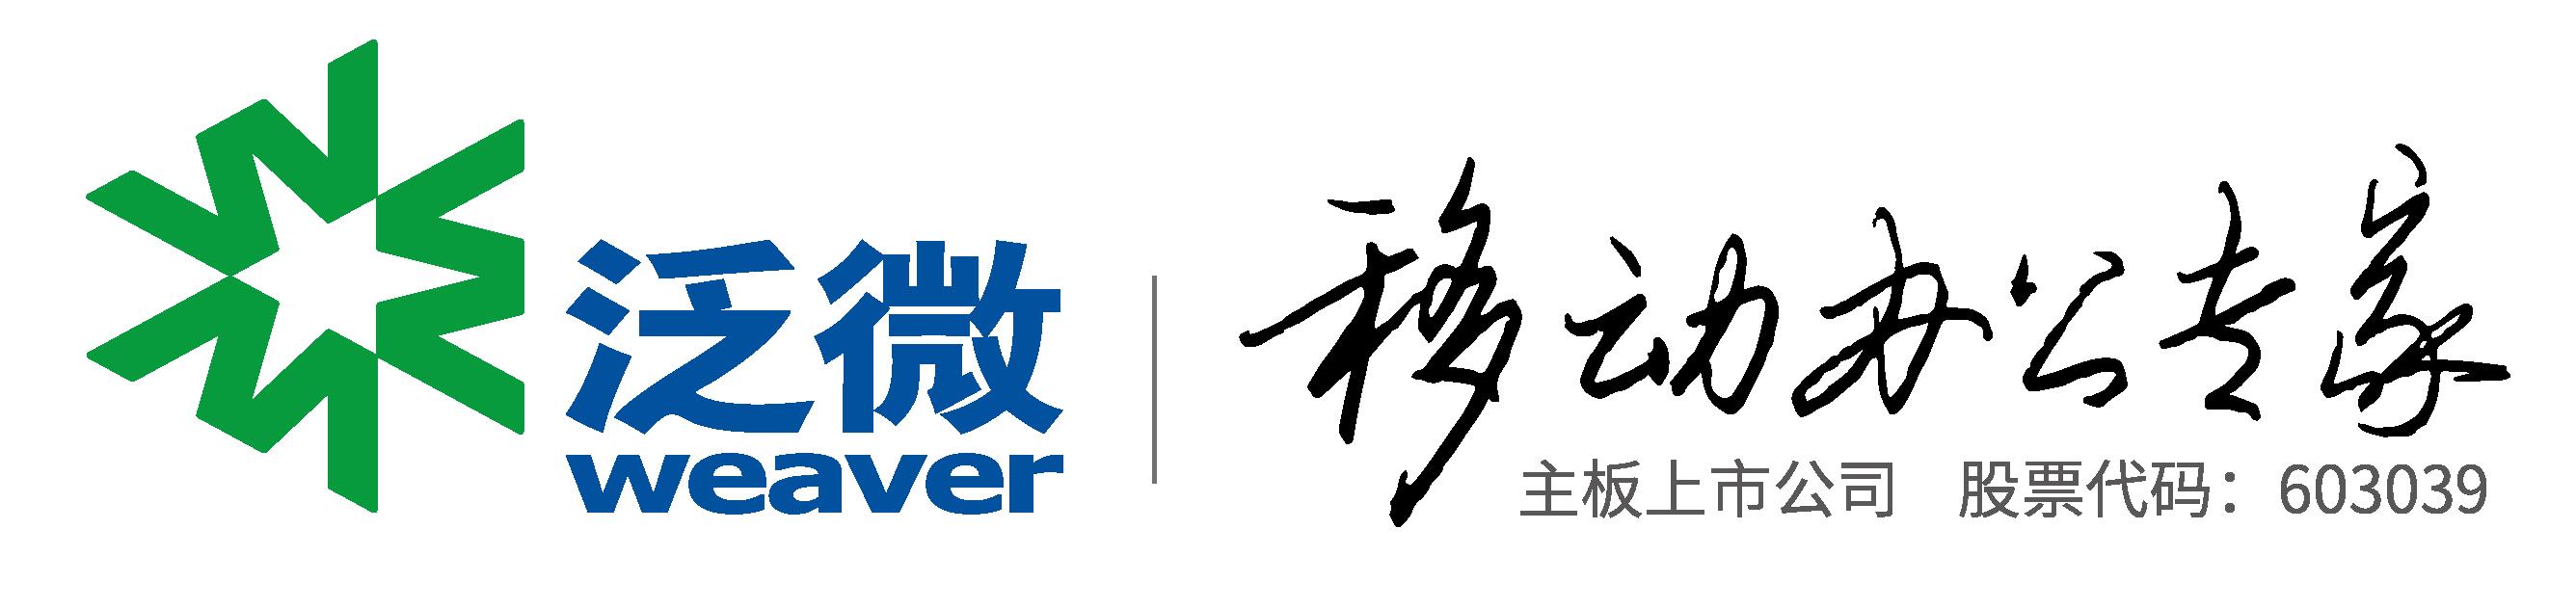 上海泛微协同办公Ecology9.0